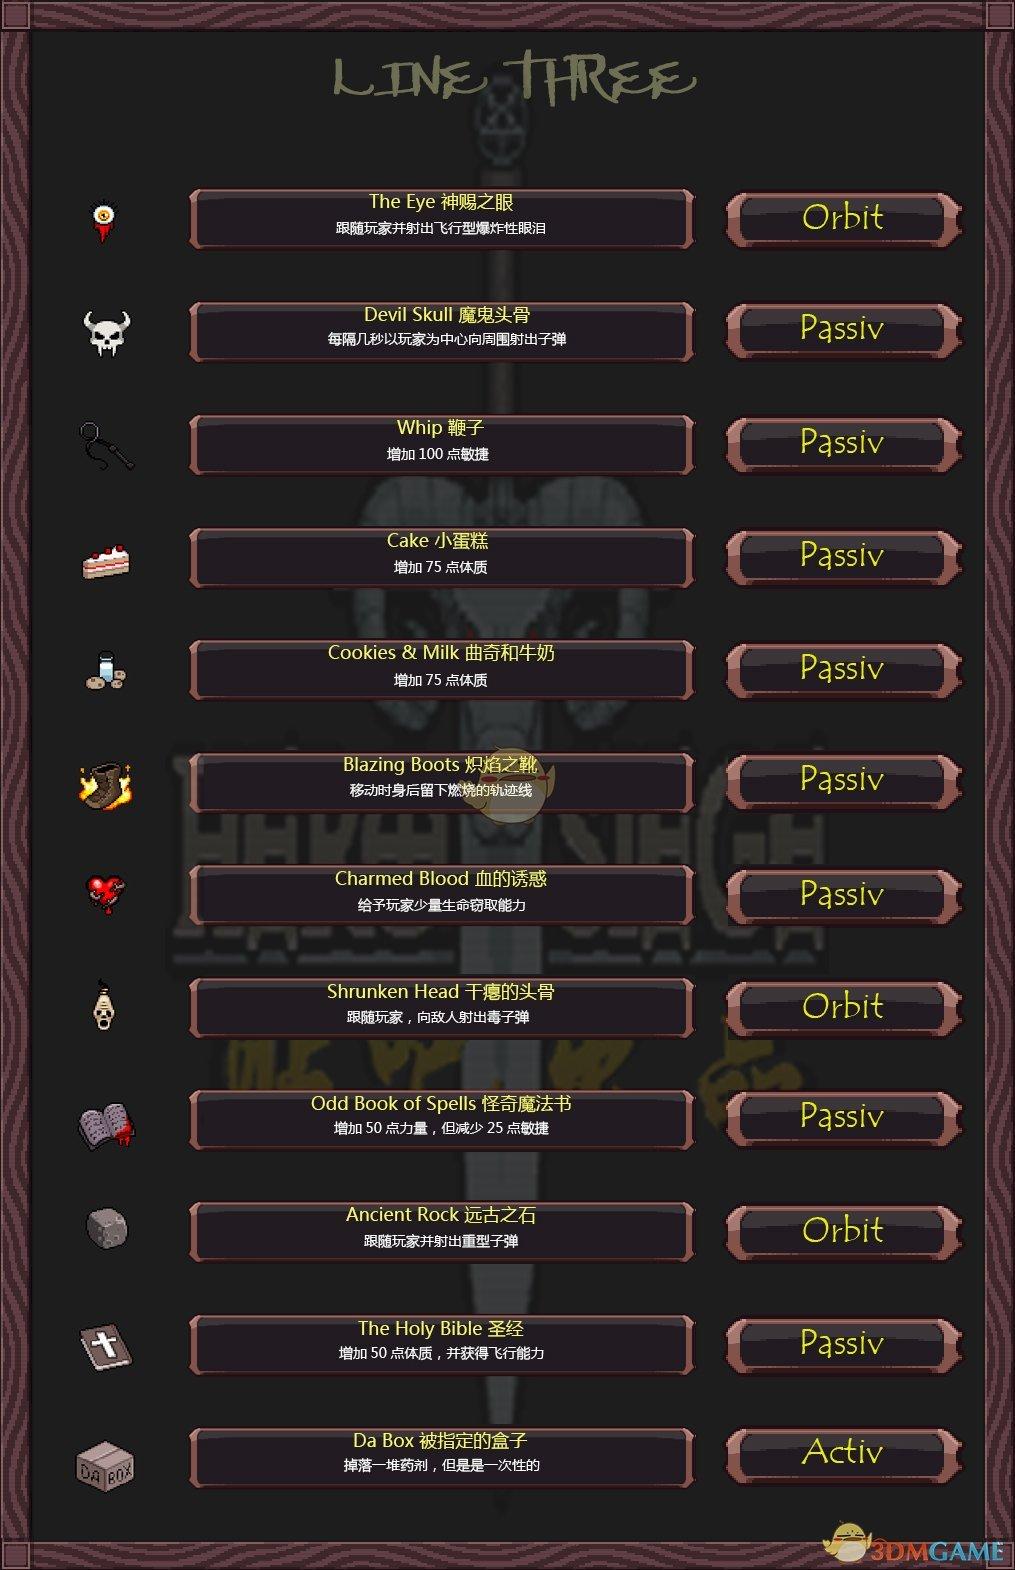 《攻城英雄》全道具属性一览